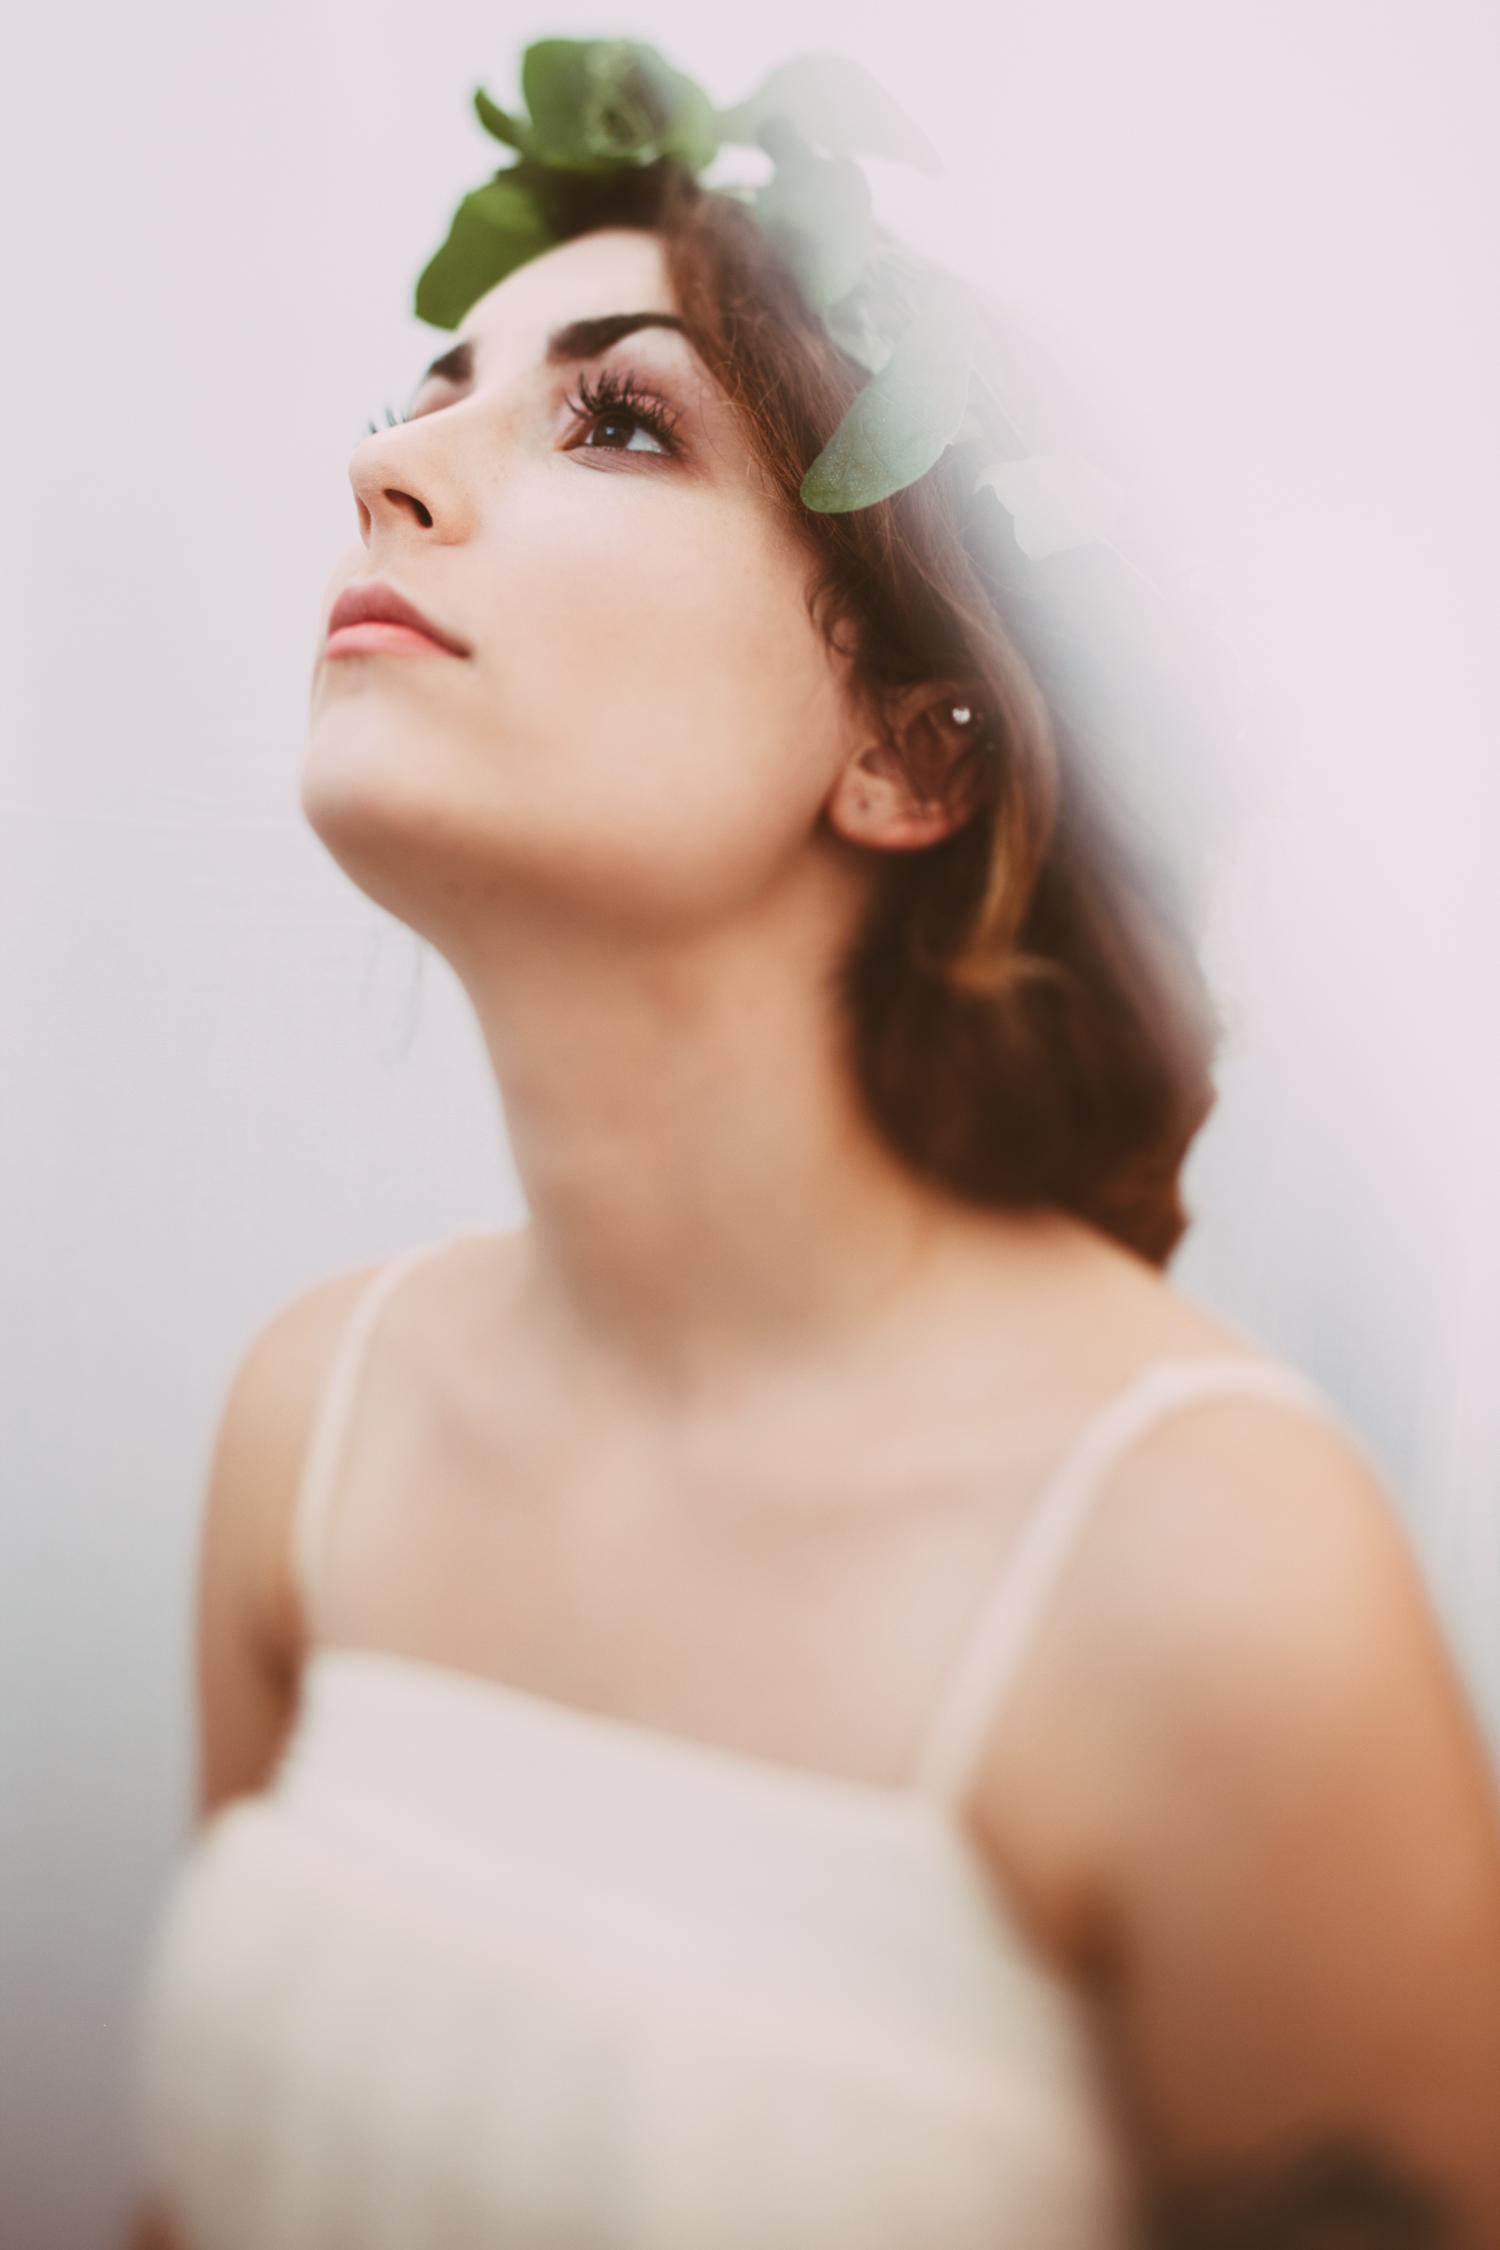 Alex-Lauren Apel Photo-29.jpg